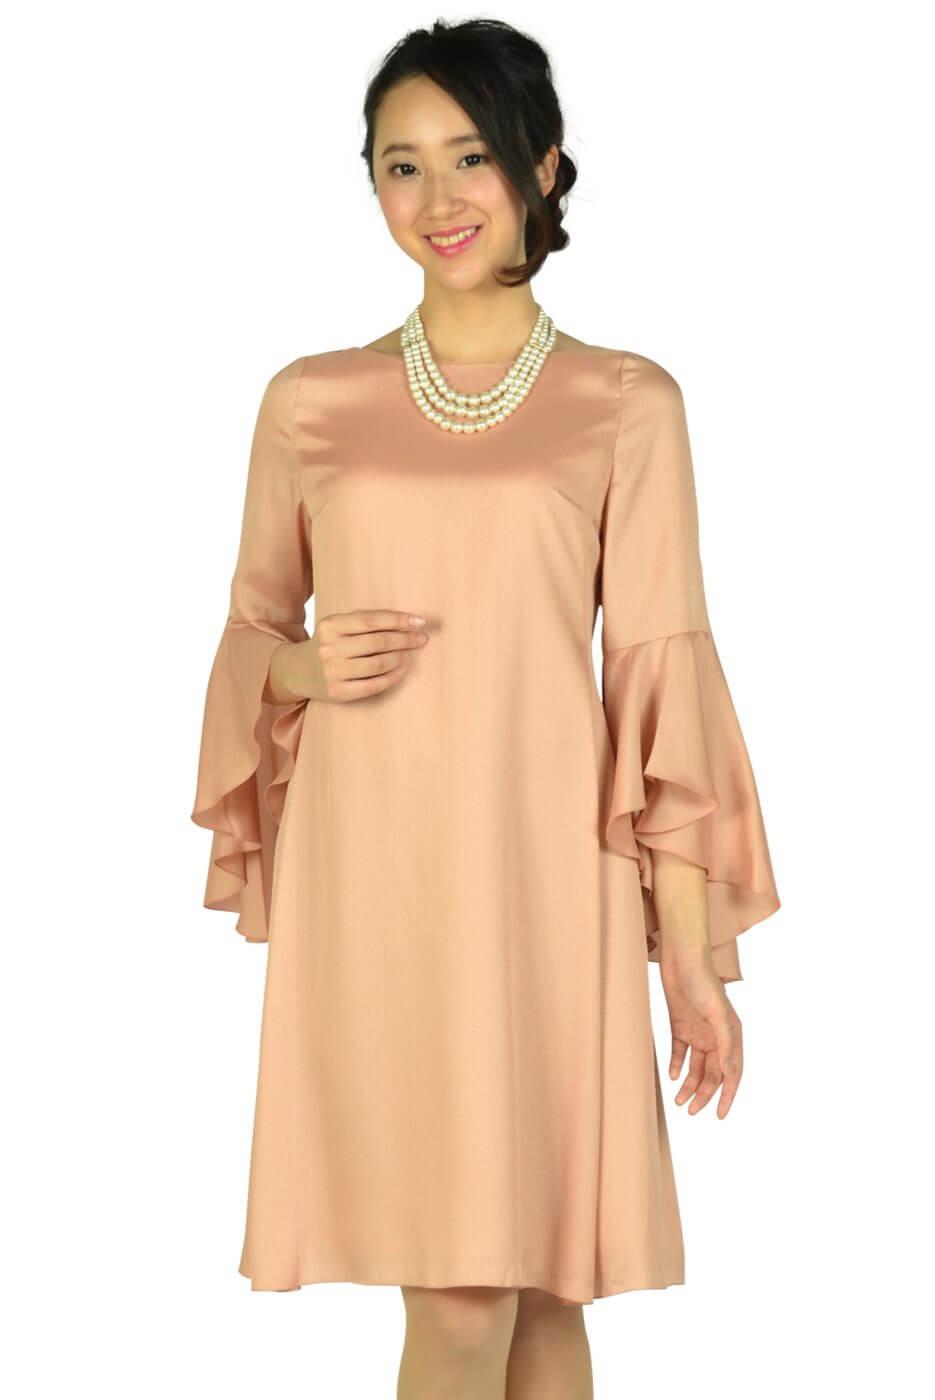 ストロベリーフィールズ (STRAWBERRY-FIELDS)フレアースリーブスモーキーオレンジドレス